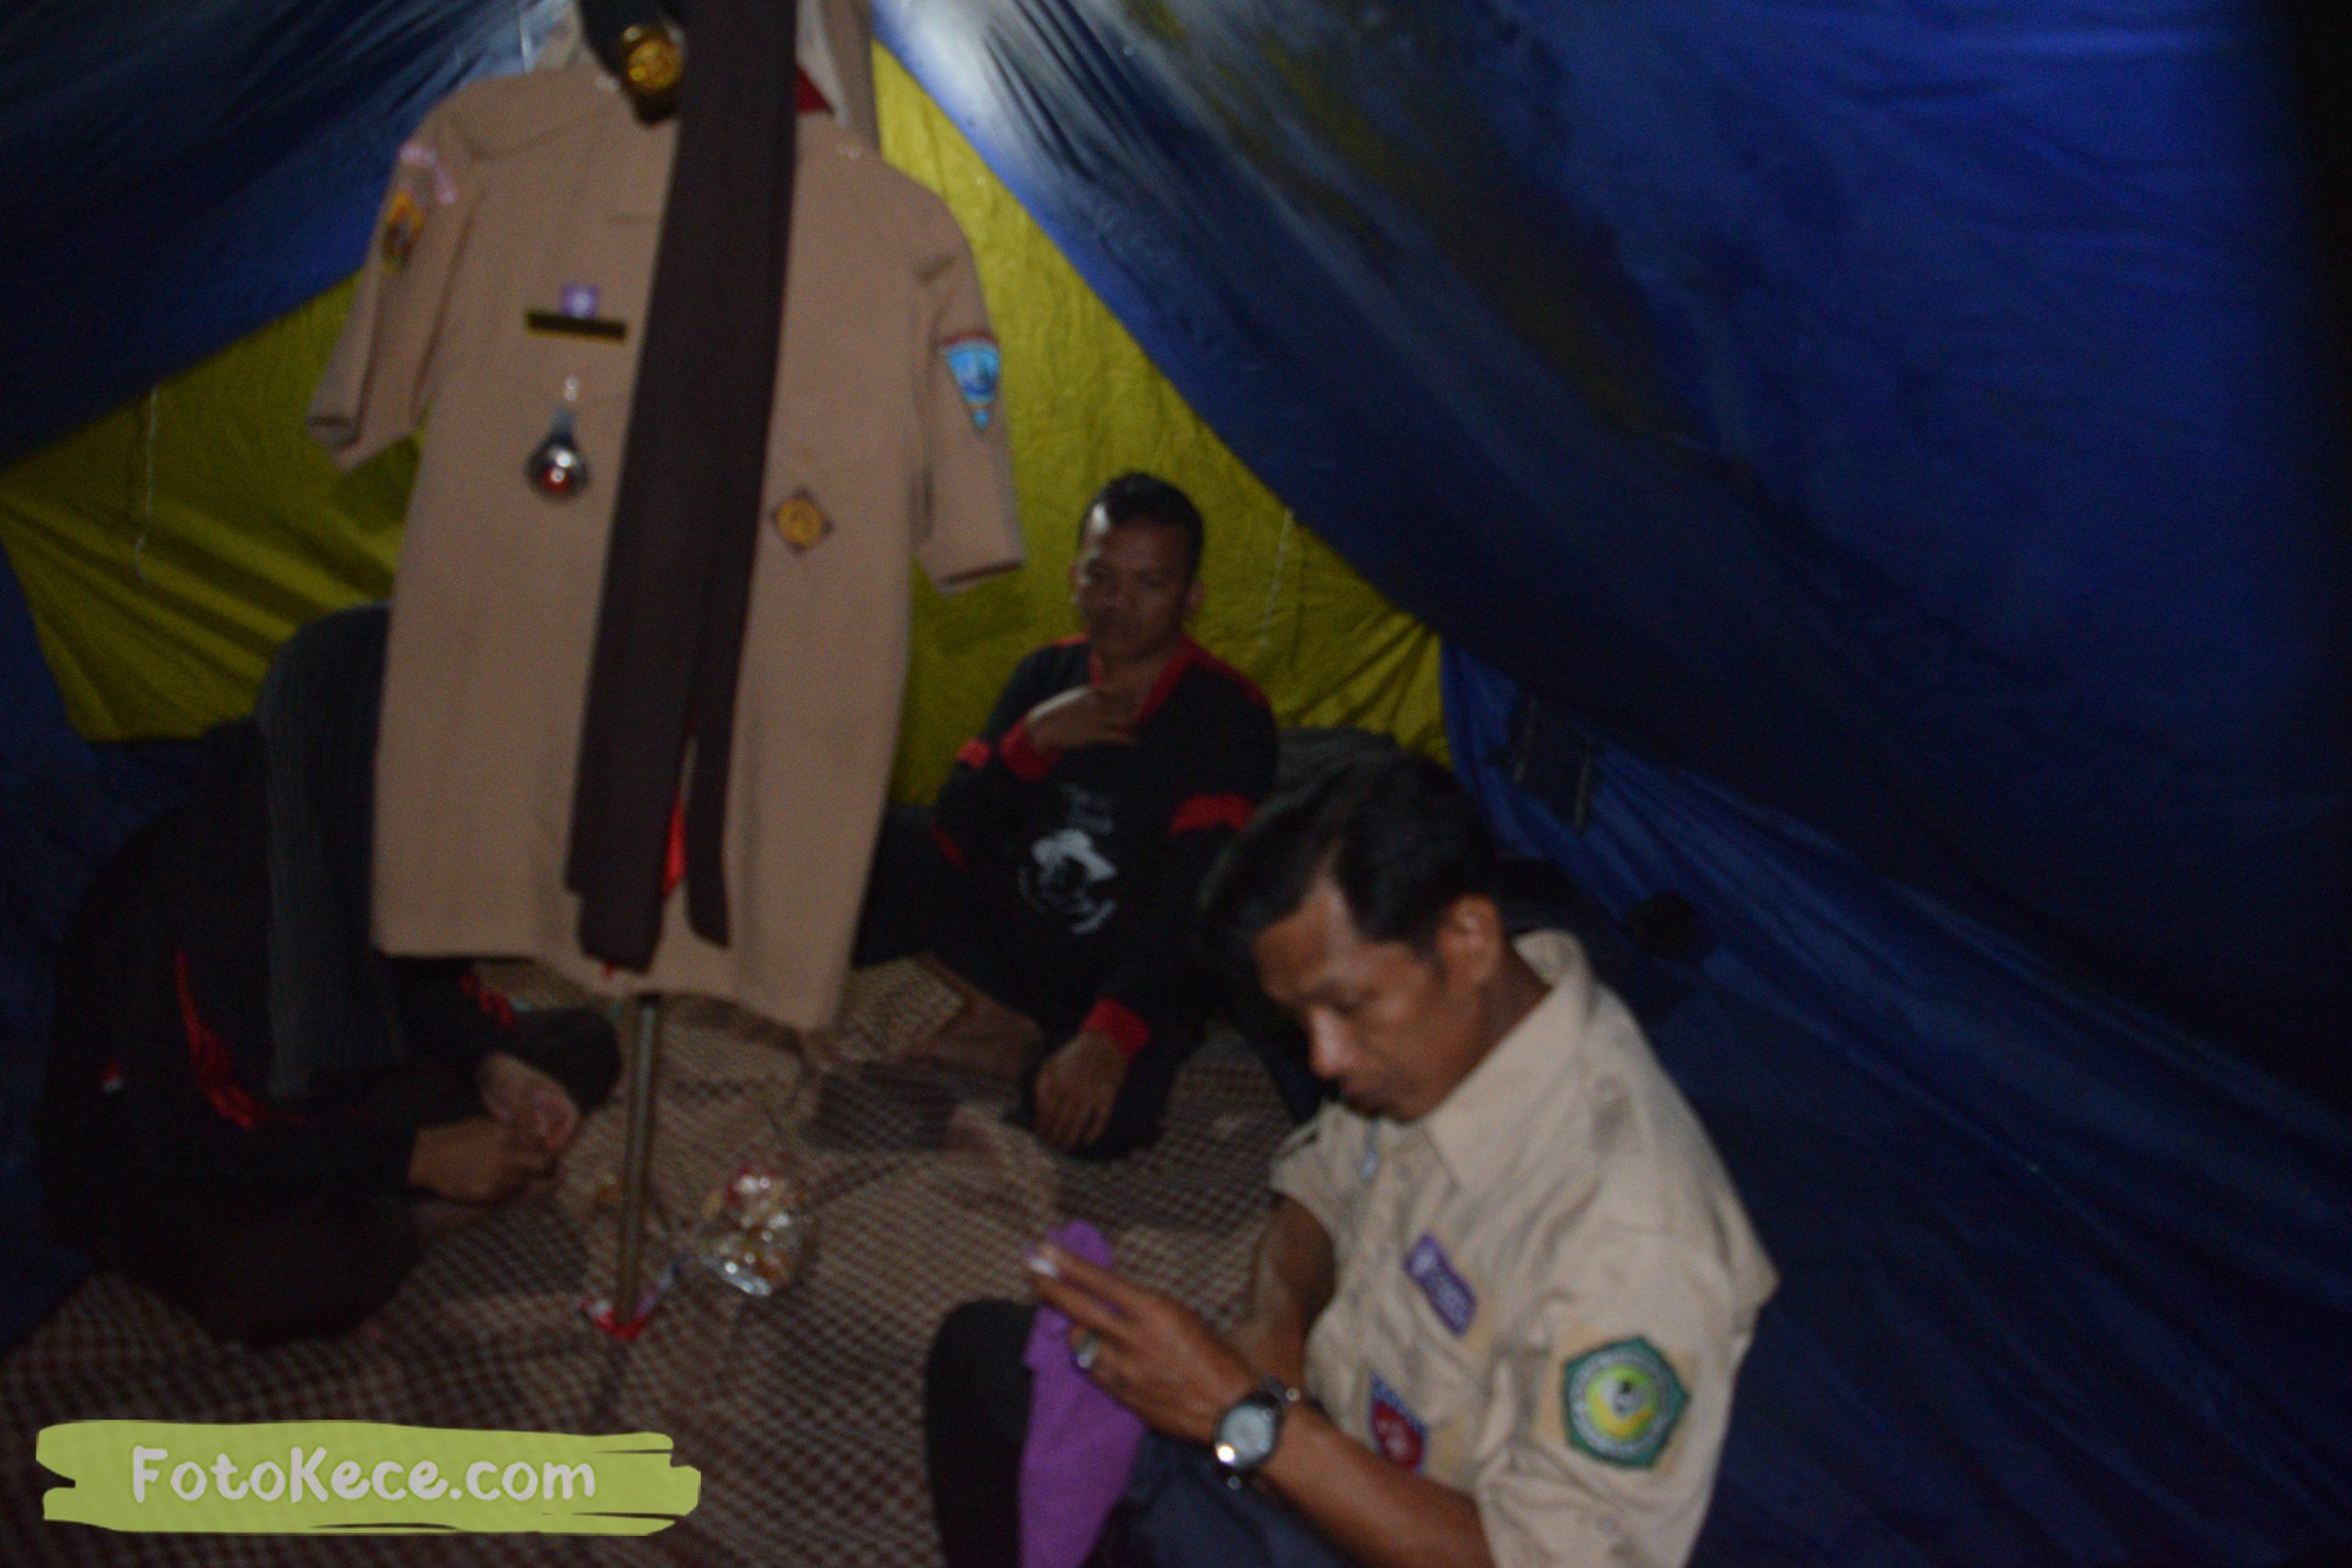 kegiatan sore malam perkemahan narakarya 1 mtsn 2 sukabumi 24 25 januari 2020 pramuka hebat puncak buluh foto kece 80 scaled